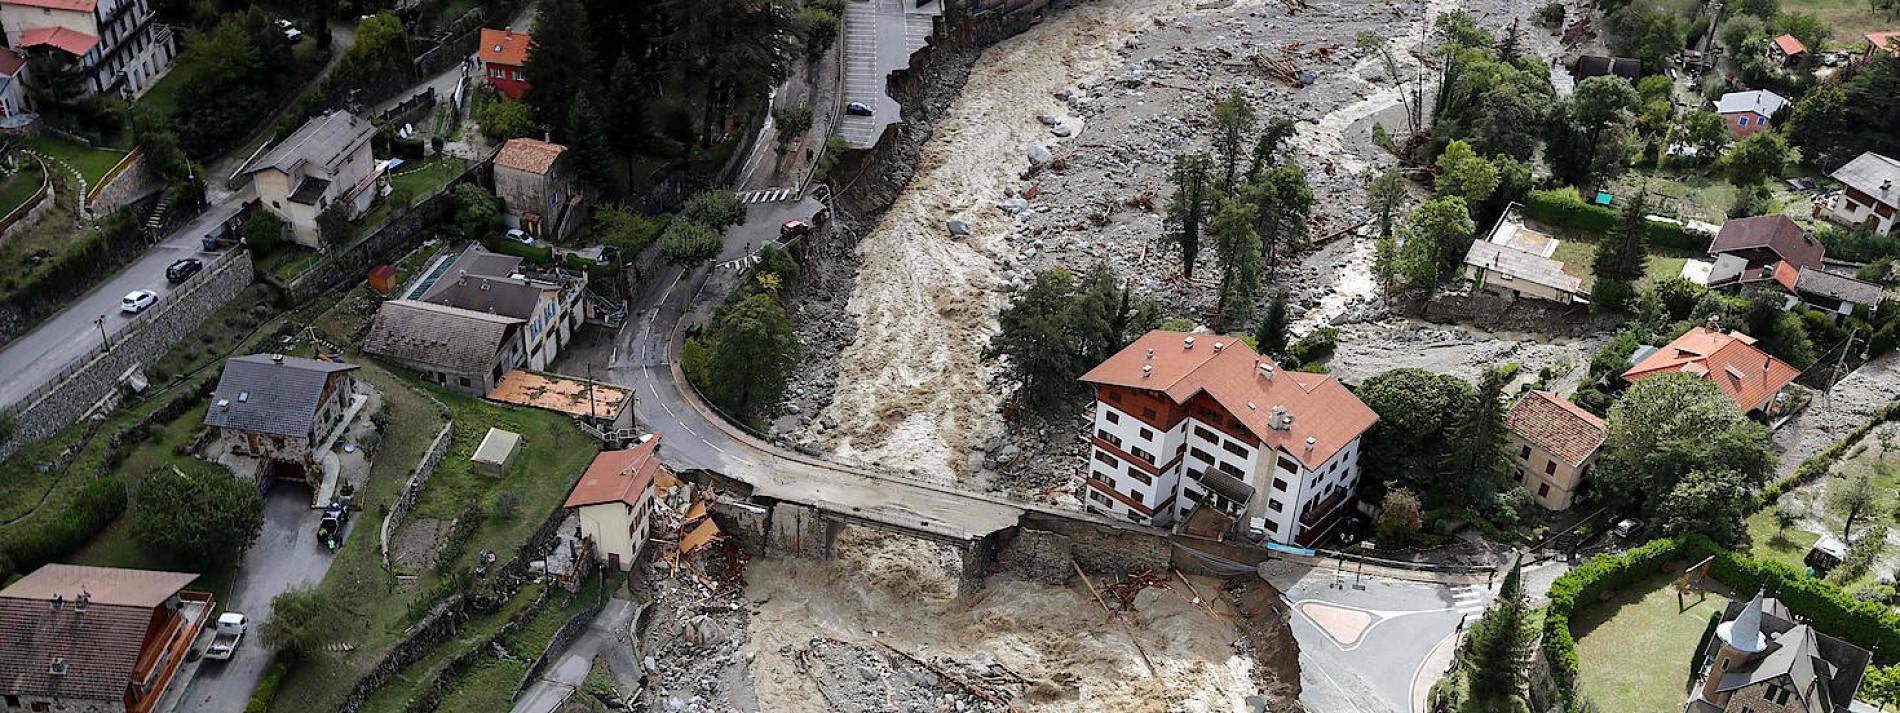 Luftaufnahmen zeigen Ausmaß der Zerstörung